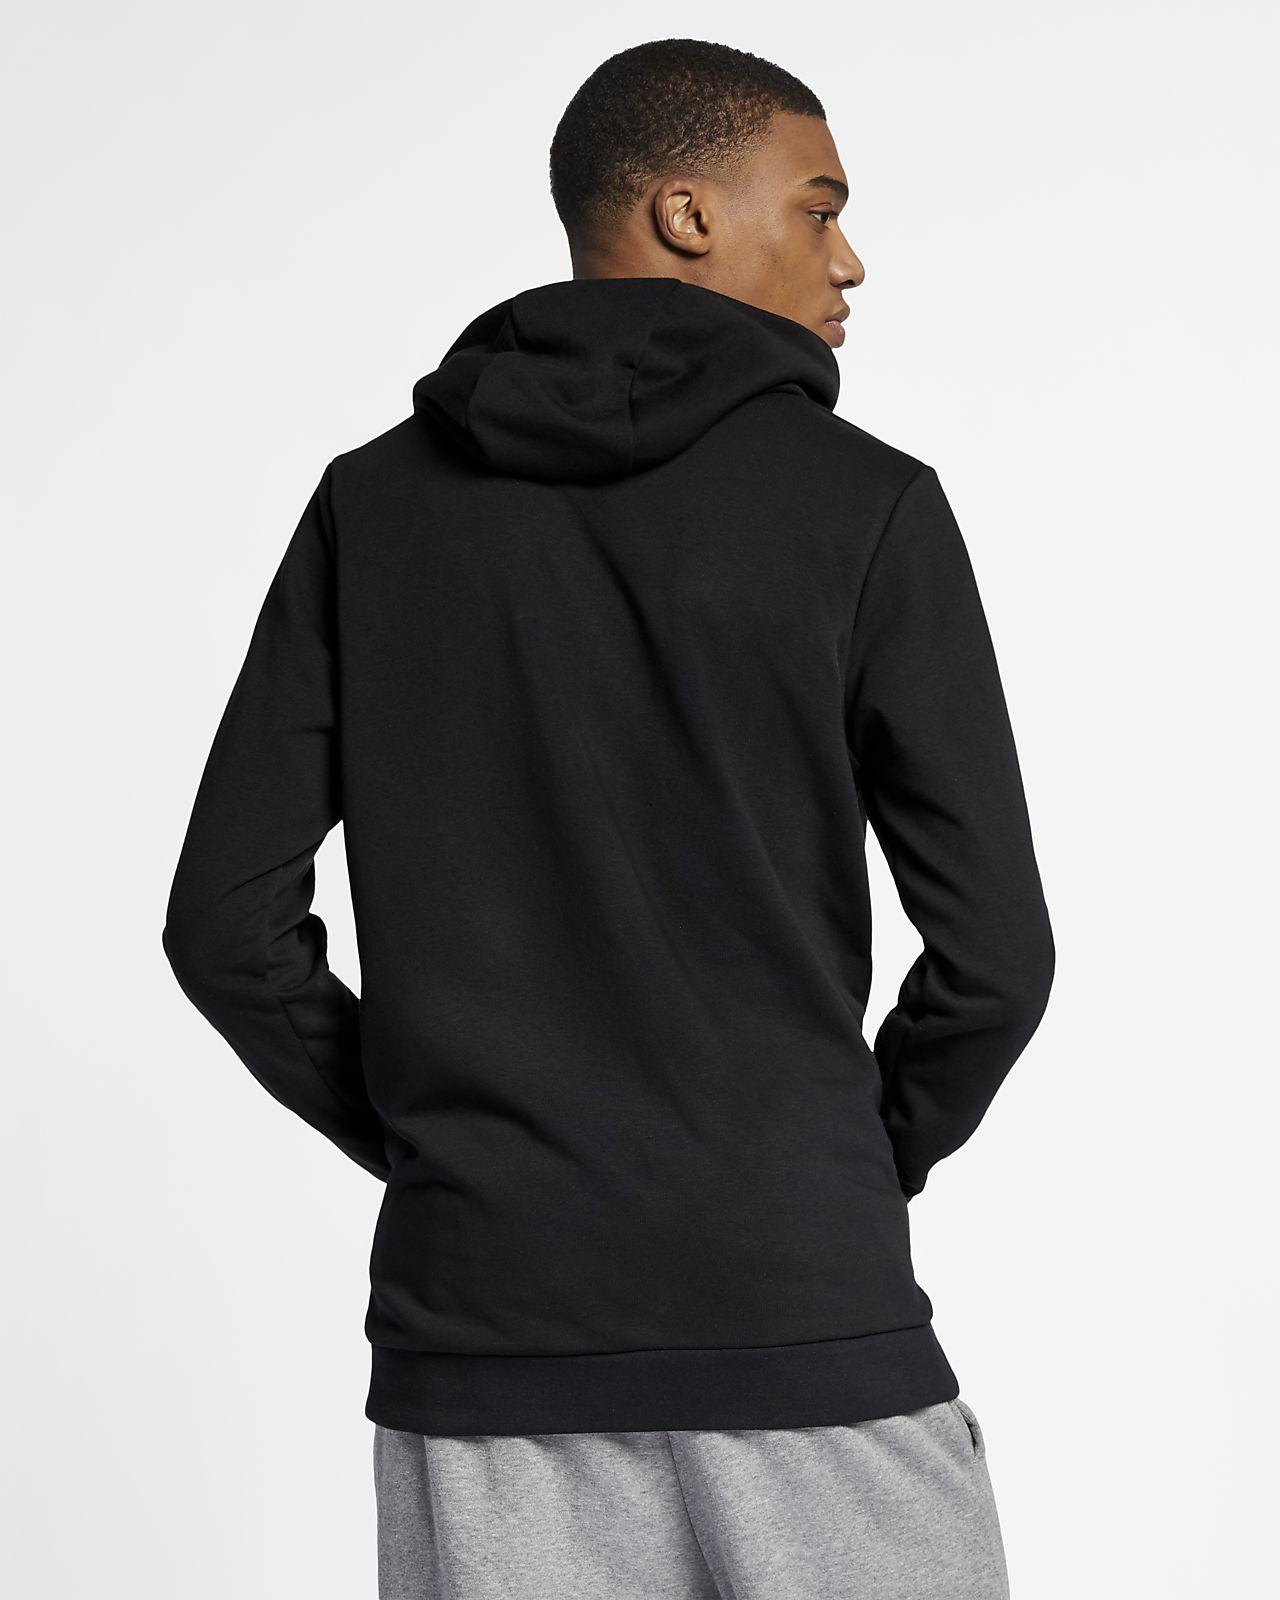 b8ba00a9d24a Jordan Jumpman Air Lightweight Men s Fleece Sweatshirt. Nike.com CA